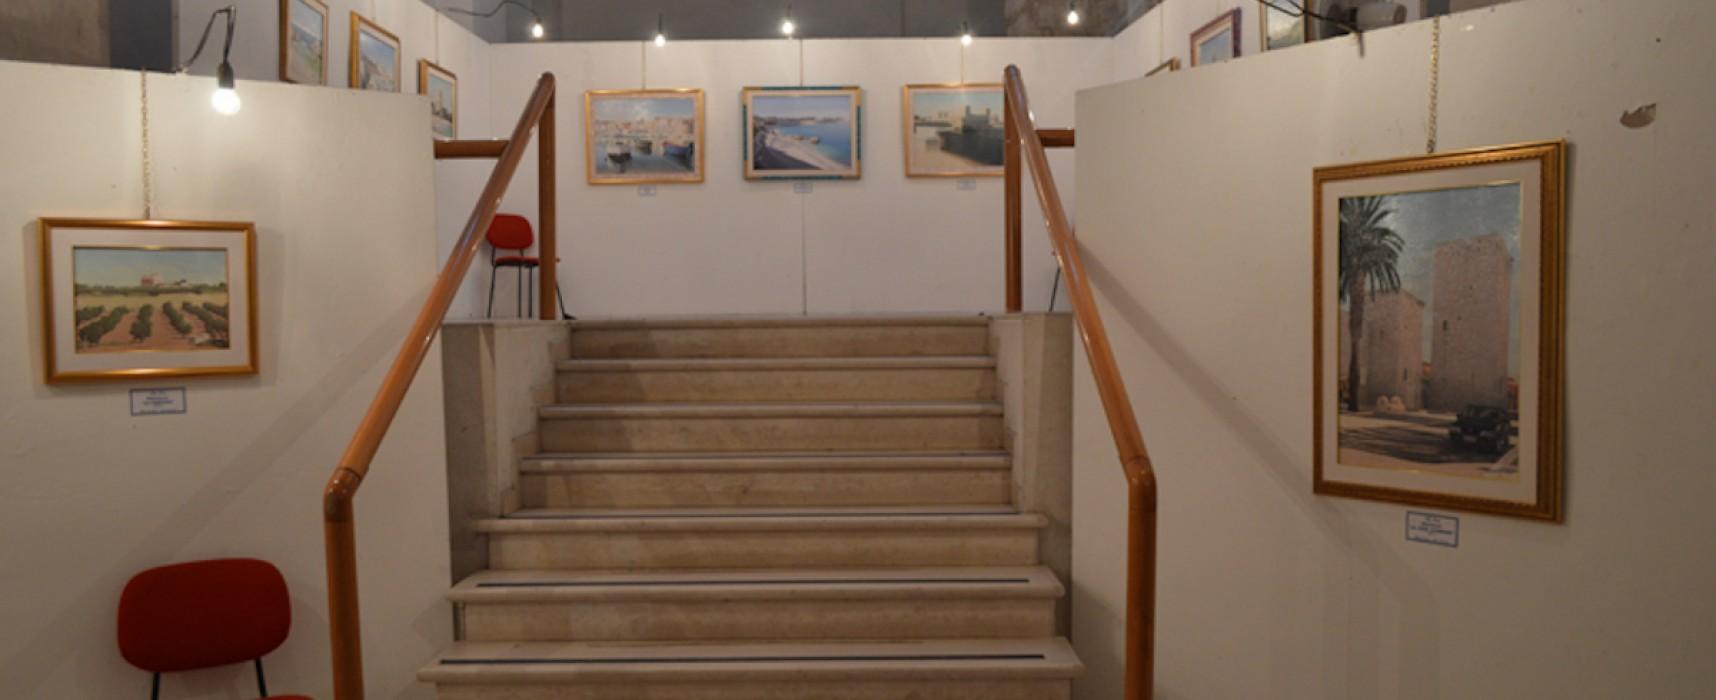 L'associazione Agorà cerca artisti emergenti per una mostra collettiva d'arte